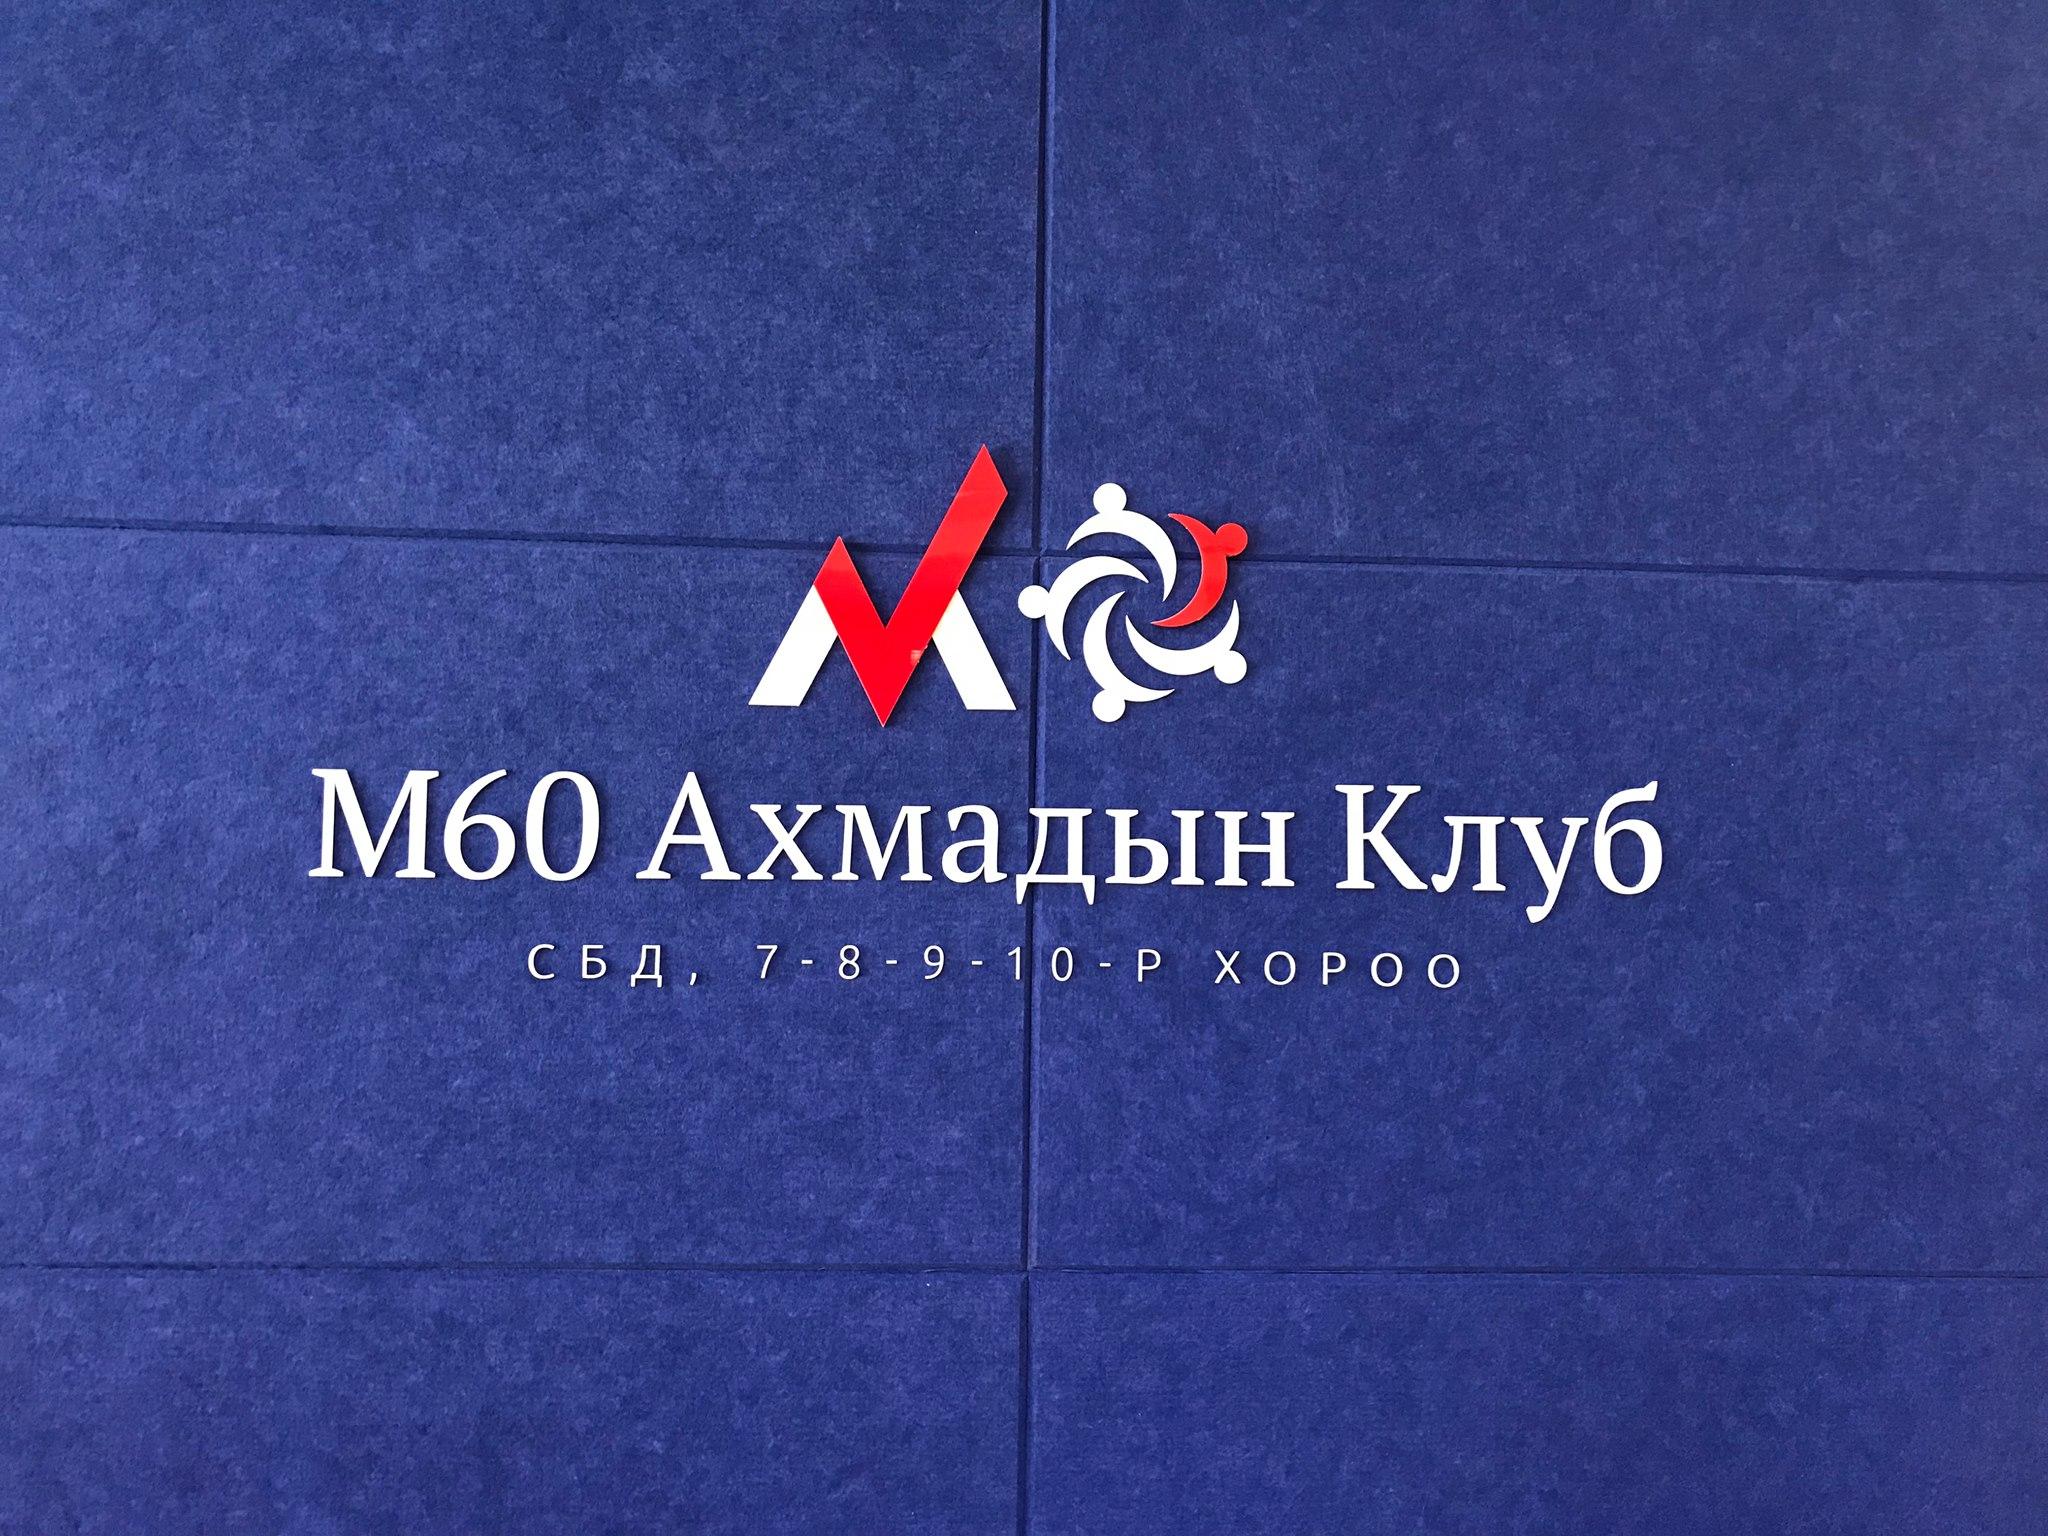 М60 клуб идэвхтэй үйл ажиллагаа явуулж байна